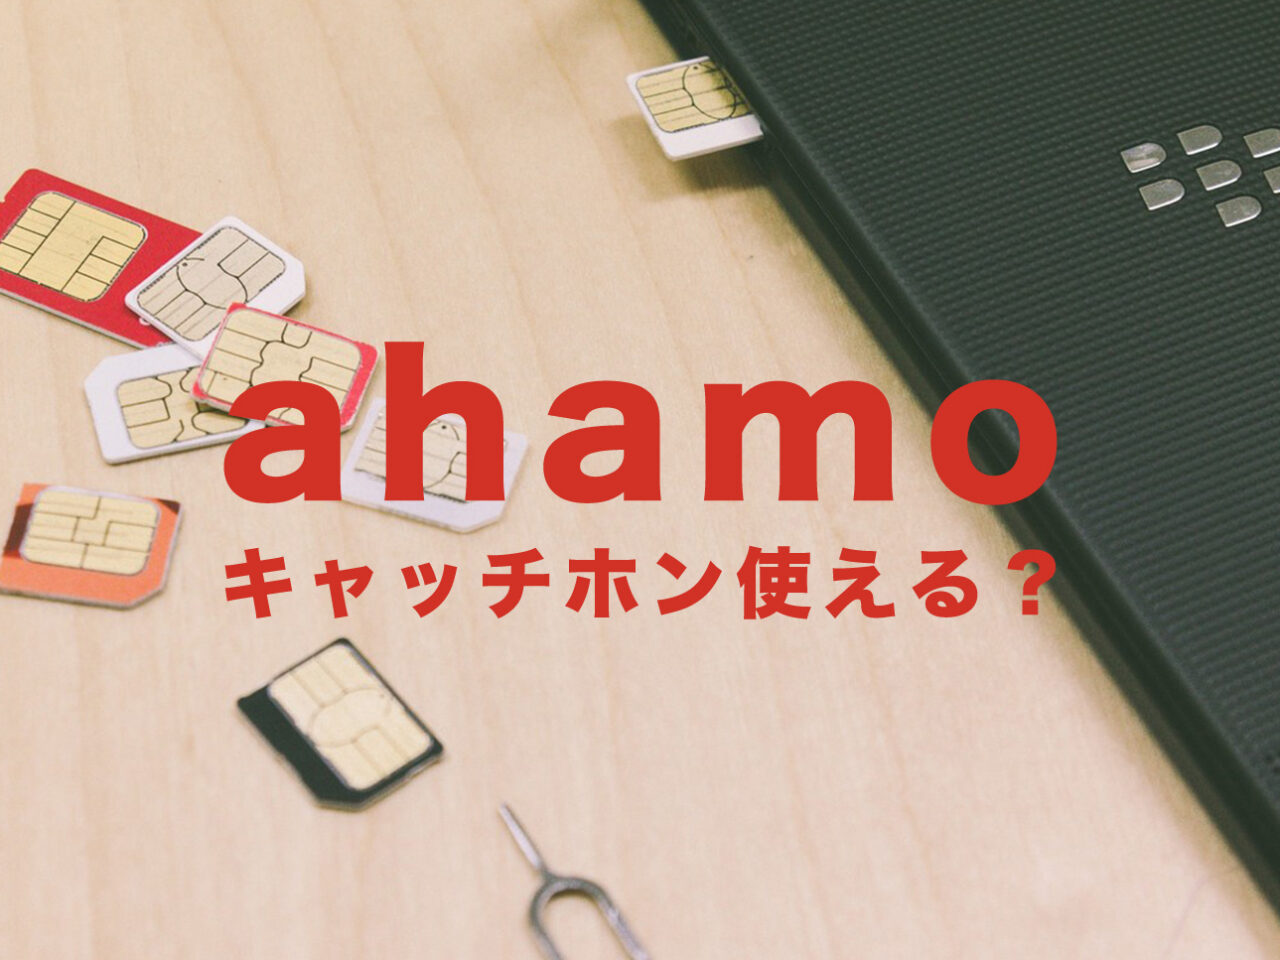 ahamo(アハモ)でキャッチホンは使える?使えない?のサムネイル画像